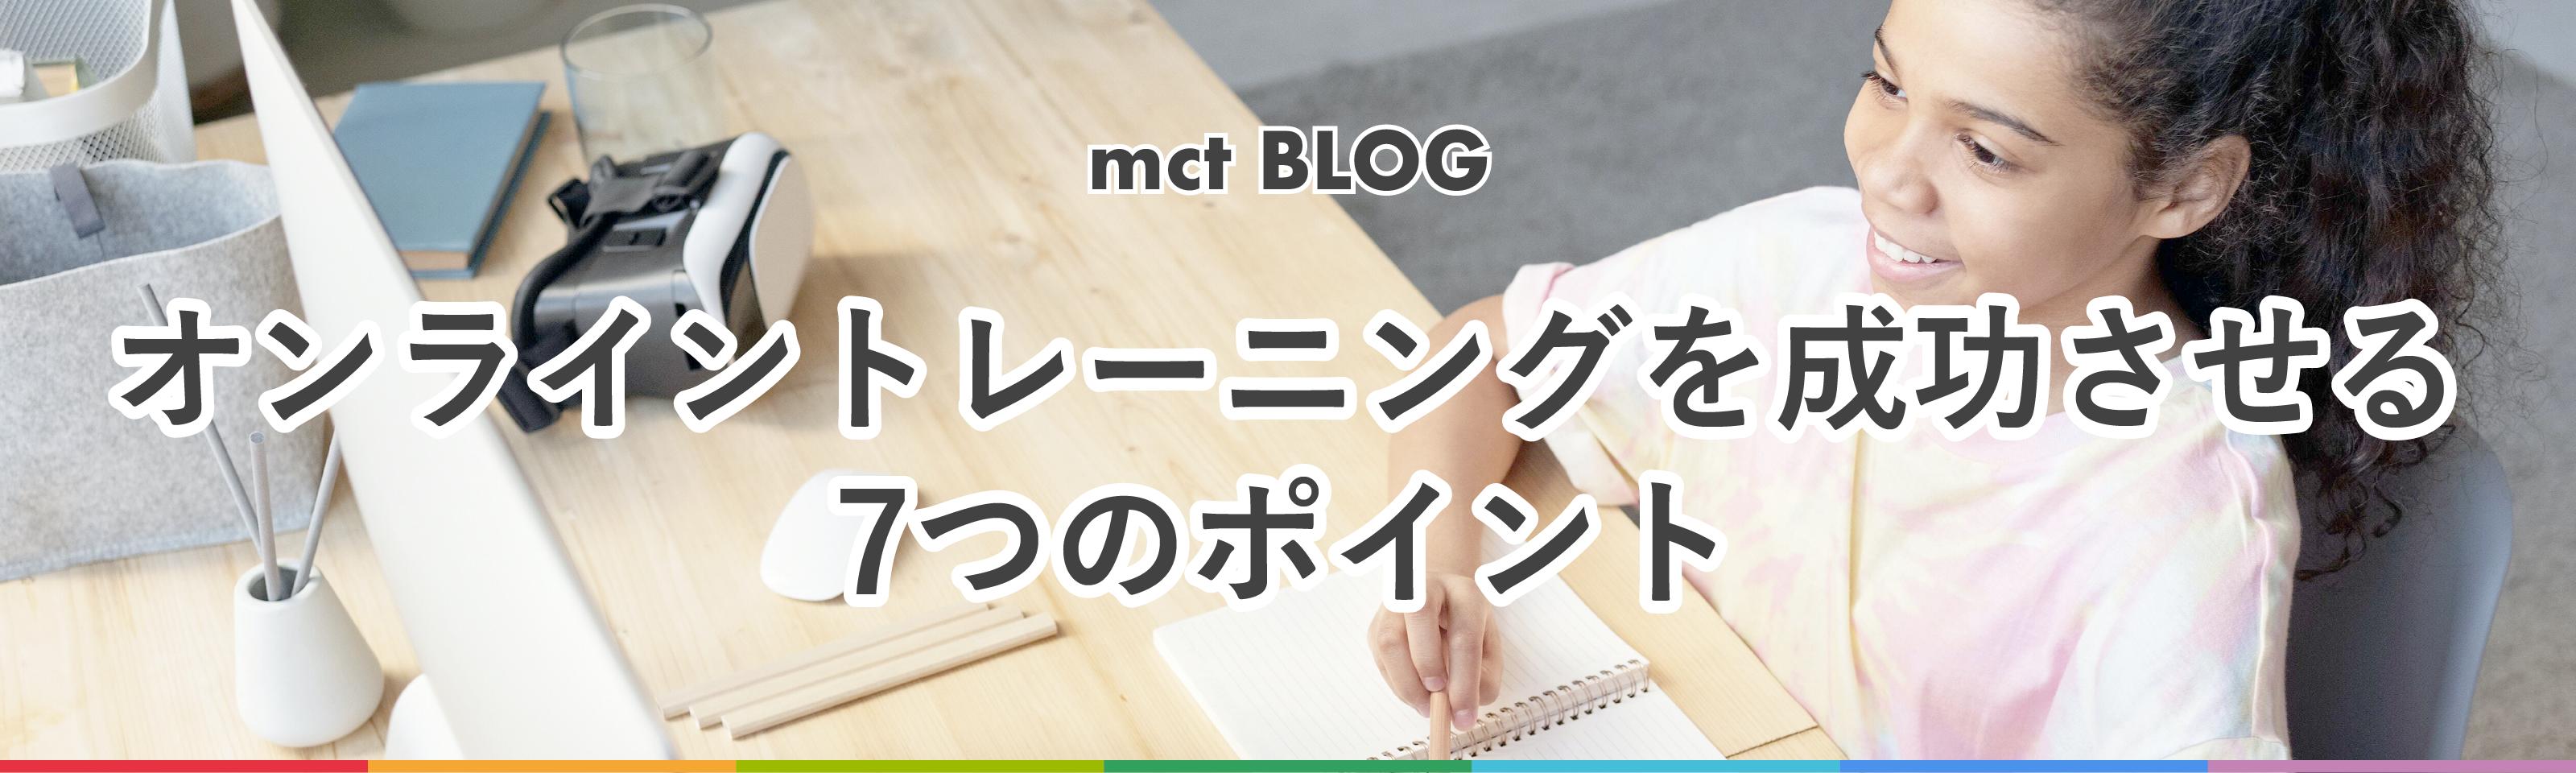 Blog|オンライントレーニングを成功させる7つのポイント